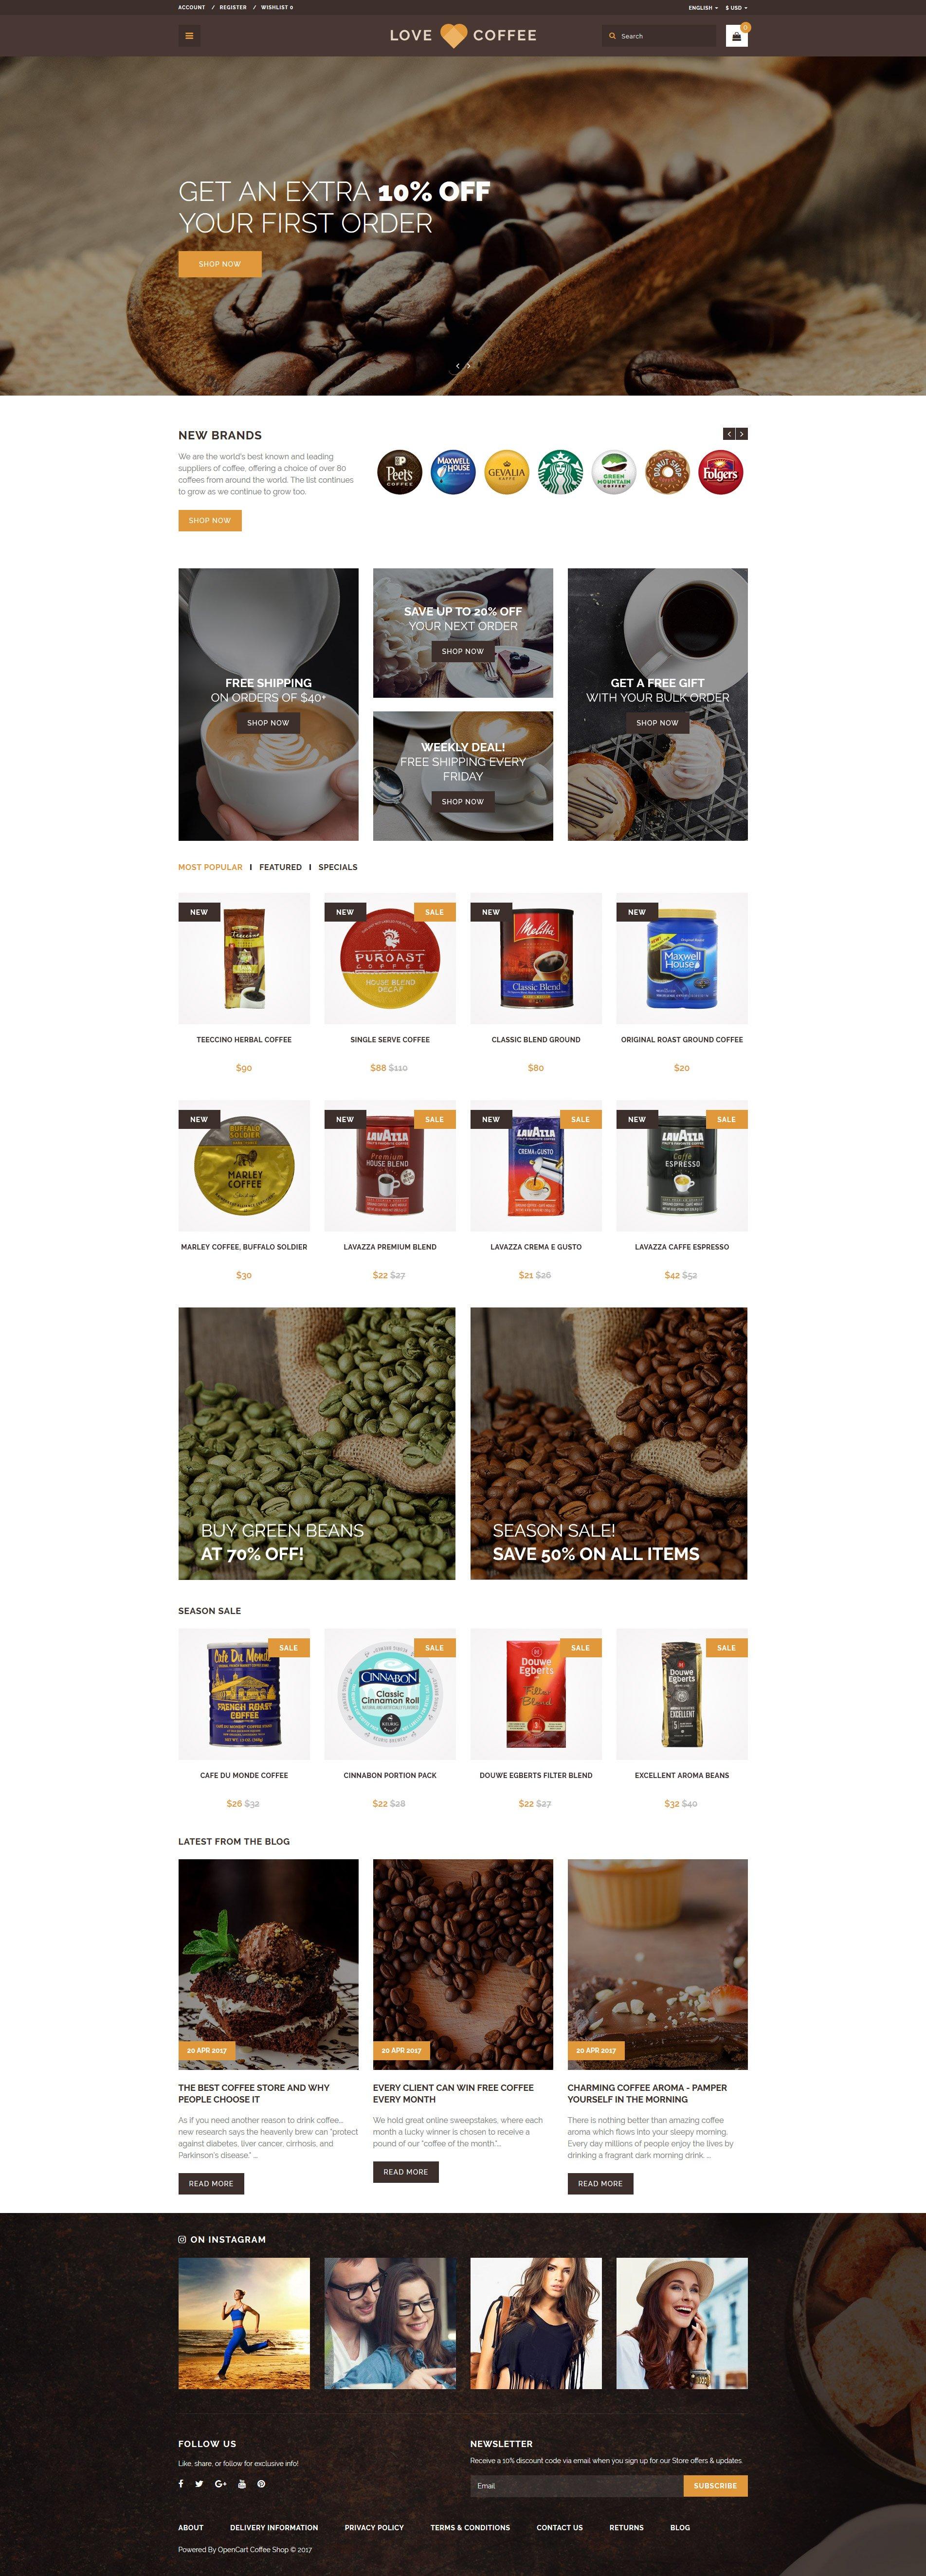 Love Coffee - Coffee House №63413 - скриншот